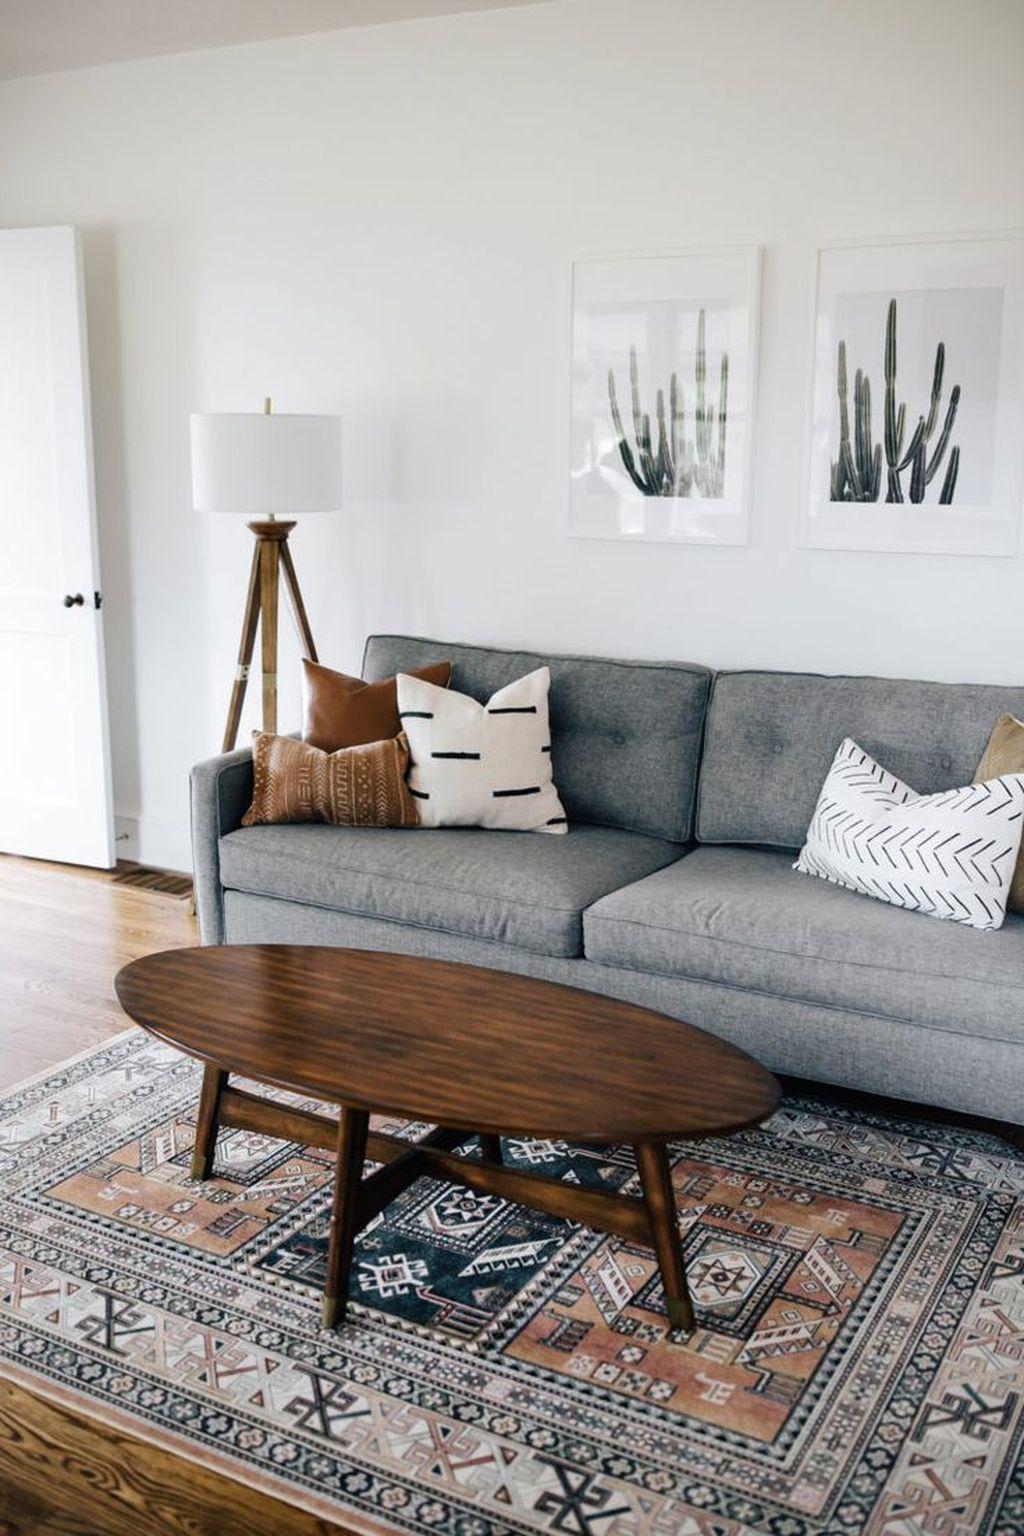 Amazing Contemporary Living Room Design Ideas You Should Copy 22